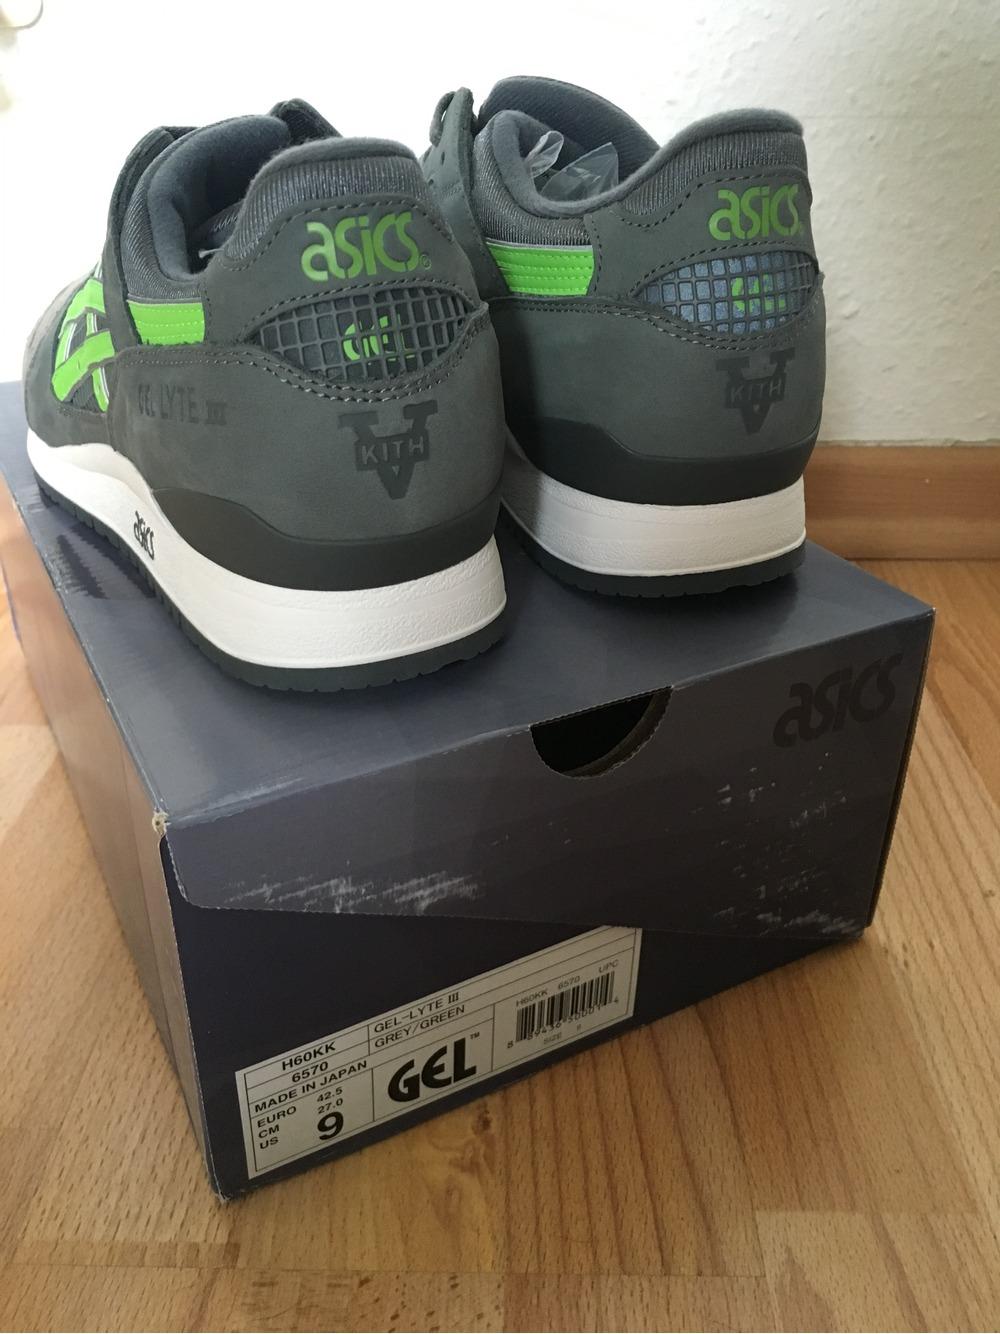 Asics Gel Lyte 3 Super Green